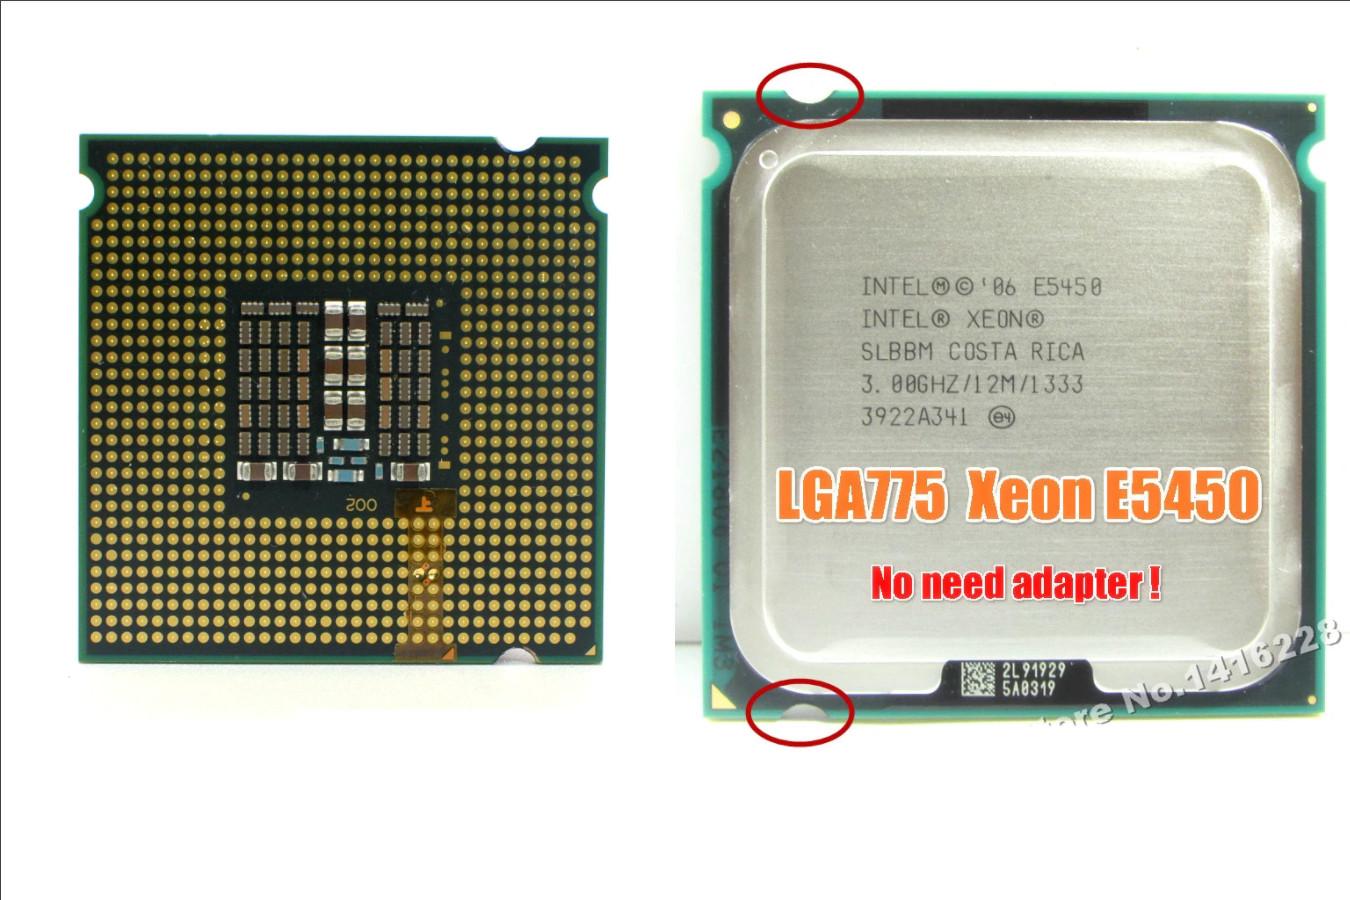 Качественный центральный процессор — Intel Xeon E5450